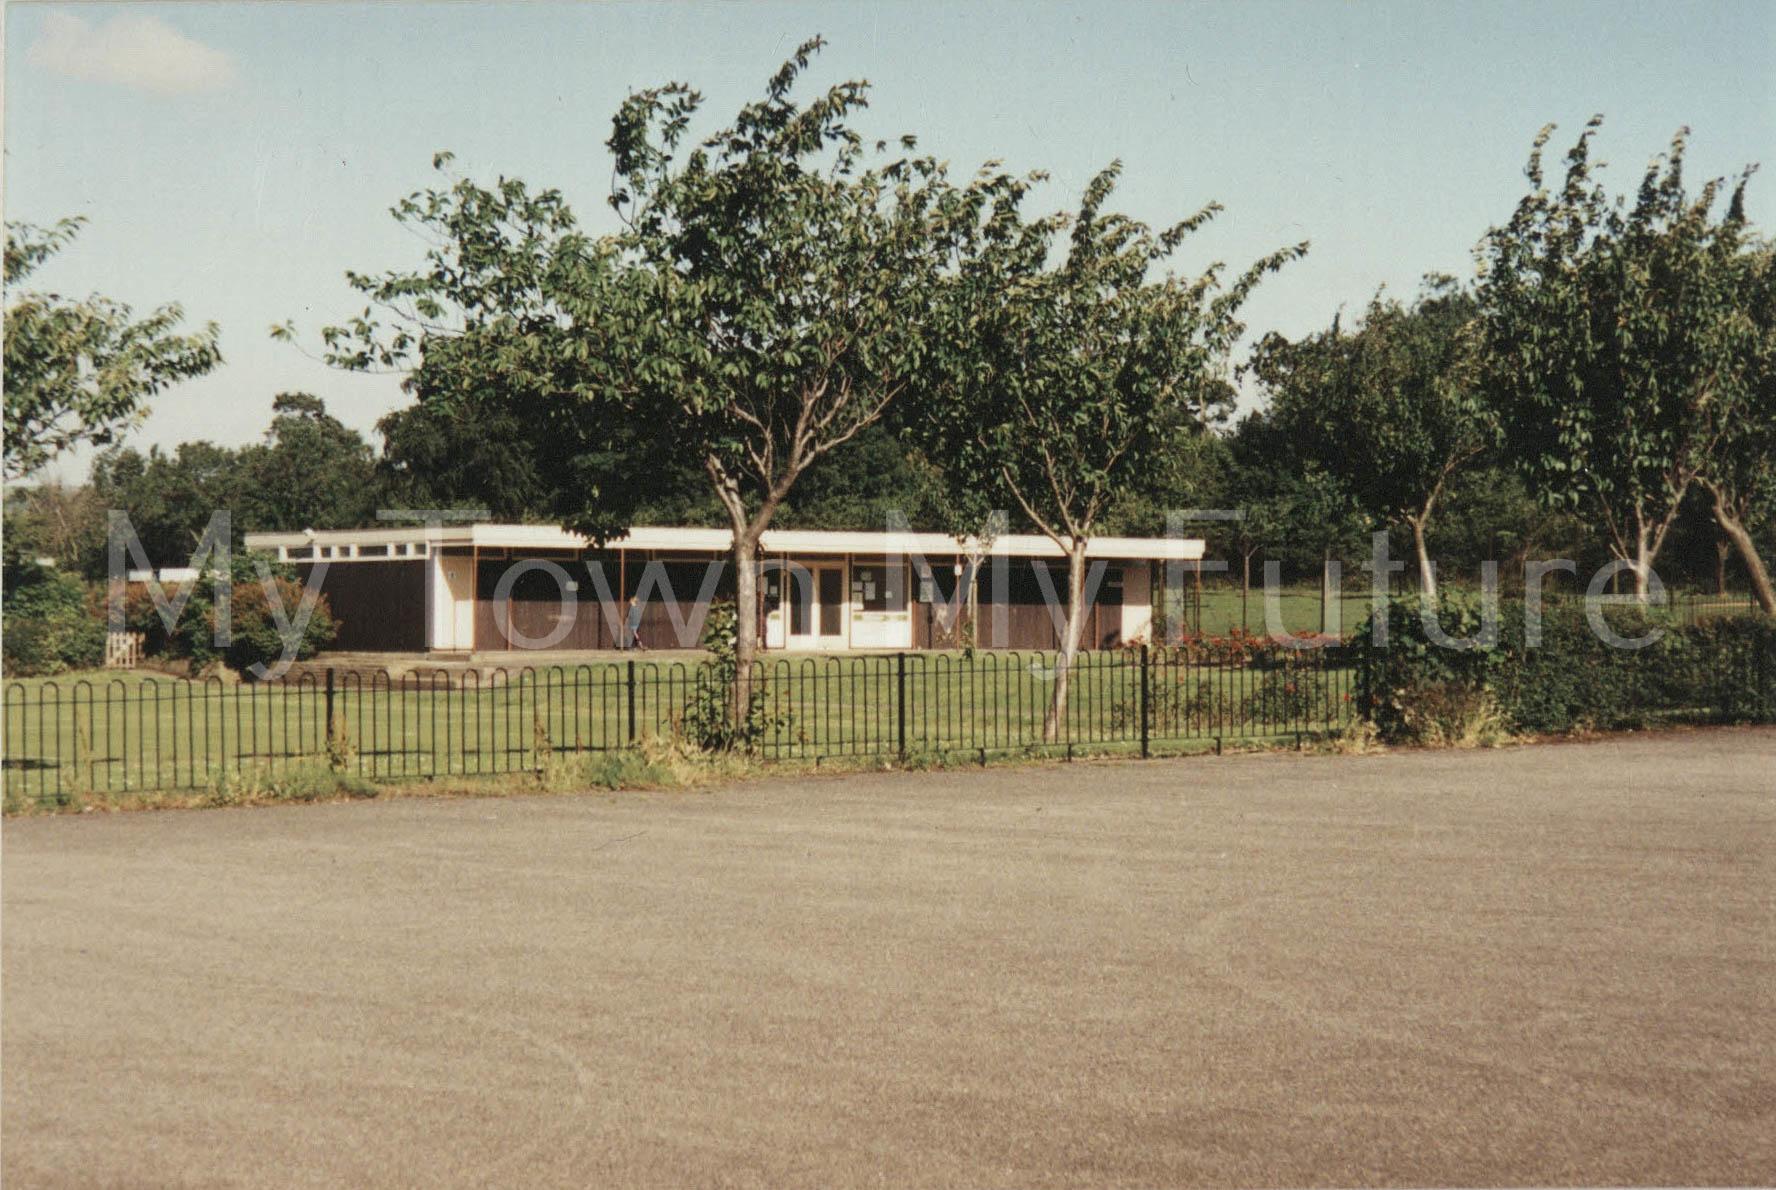 Prissick Sports Centre